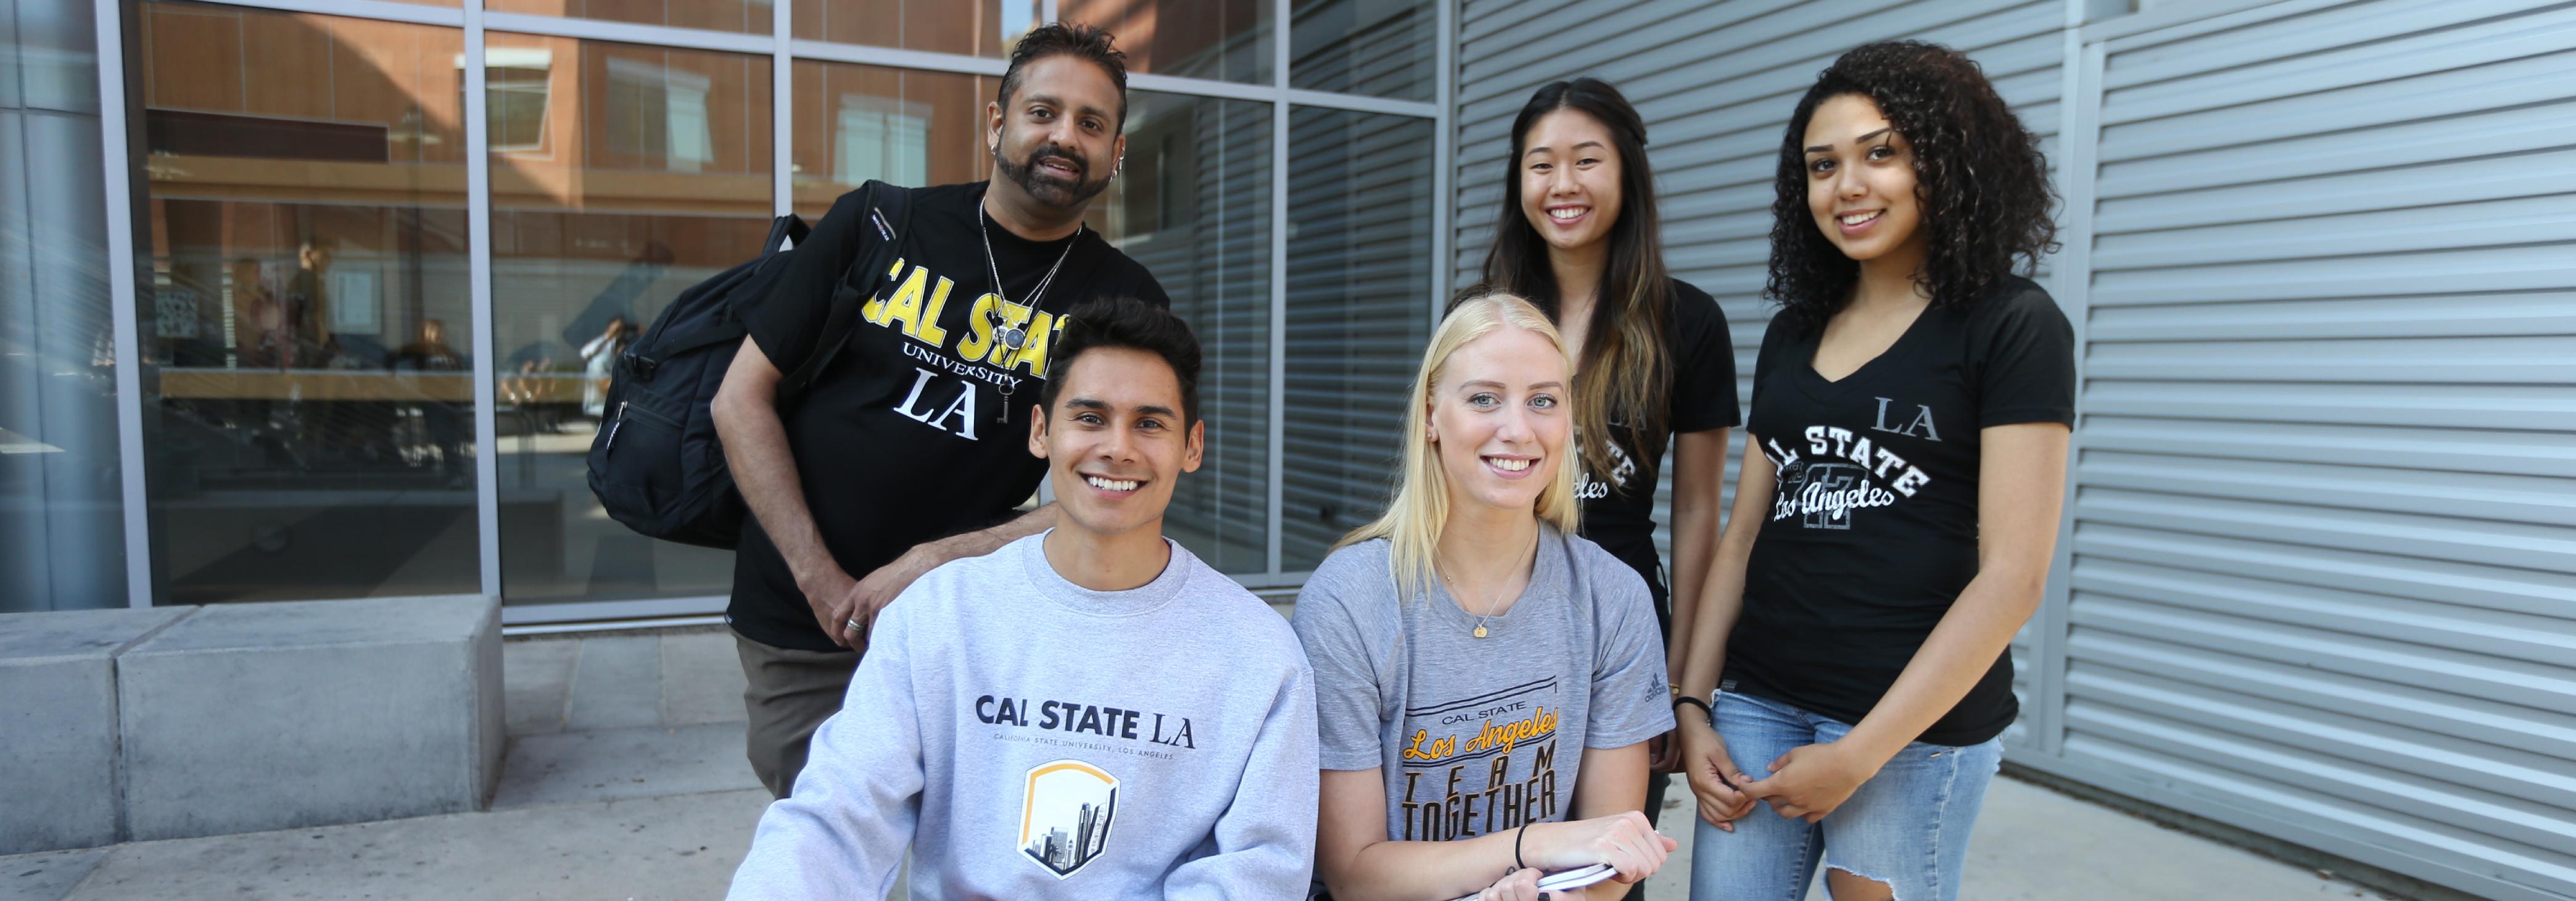 Cal State LA Inclusive Campus